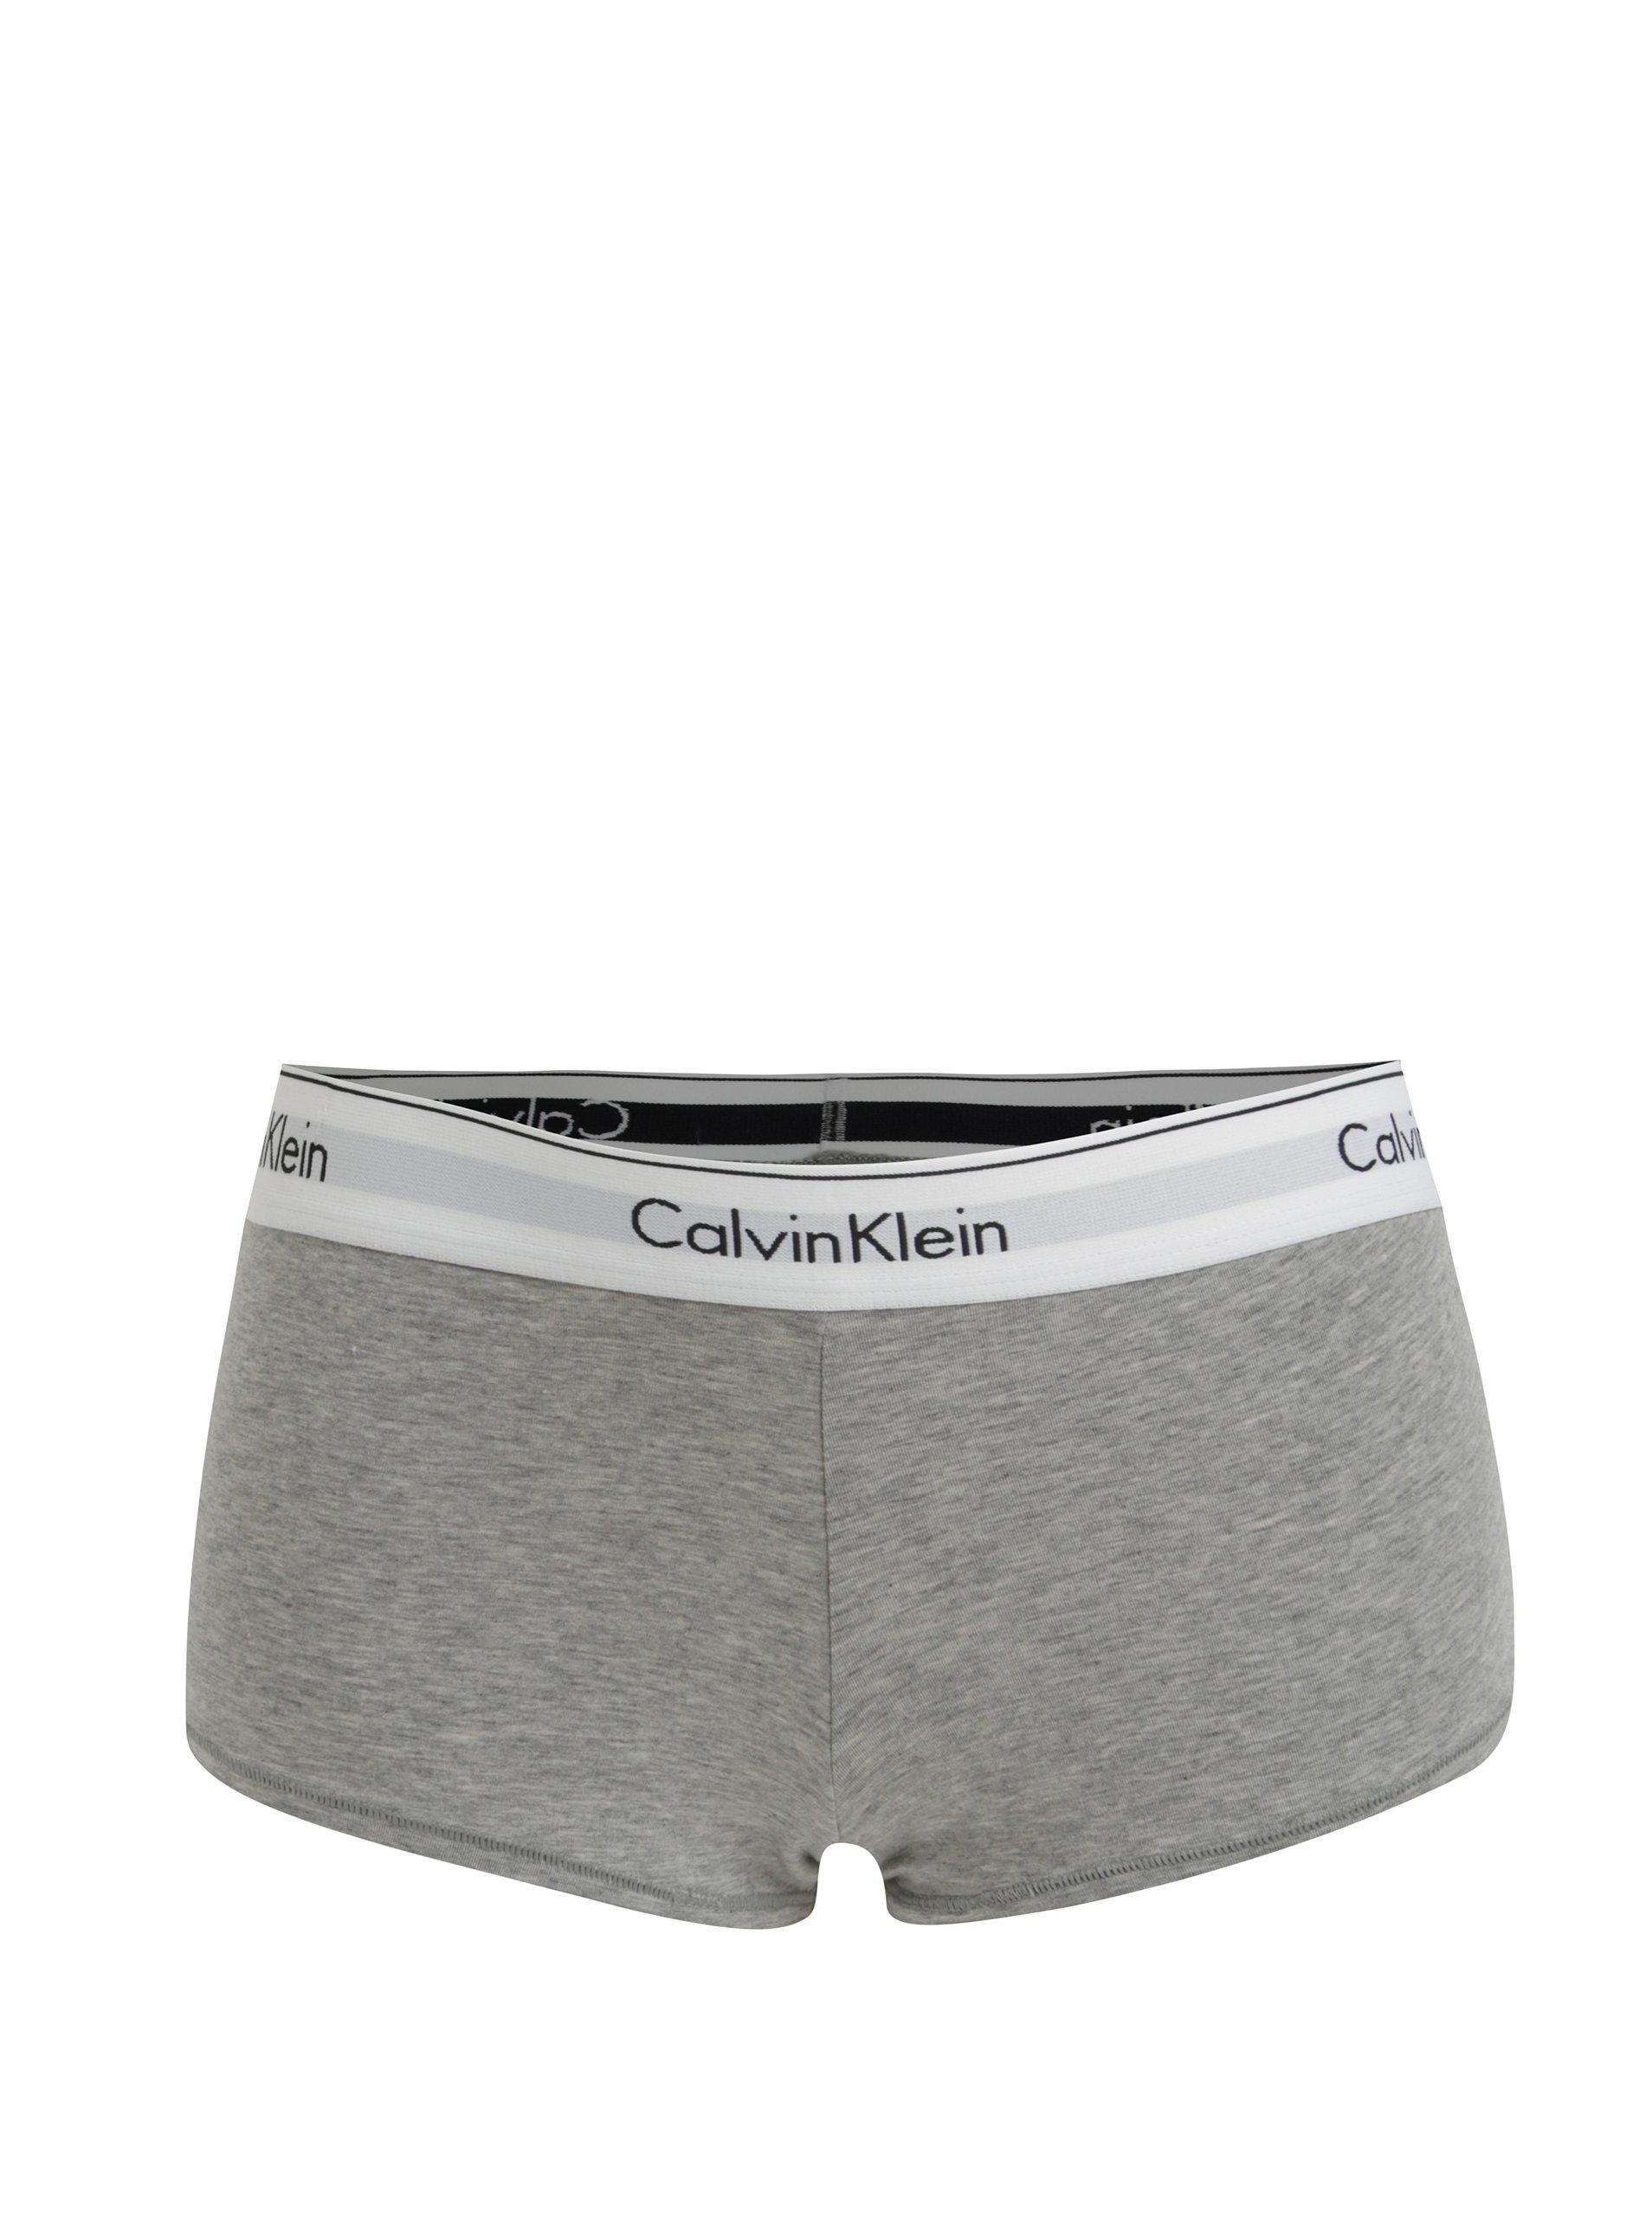 Šedé žíhané kalhotky Calvin Klein